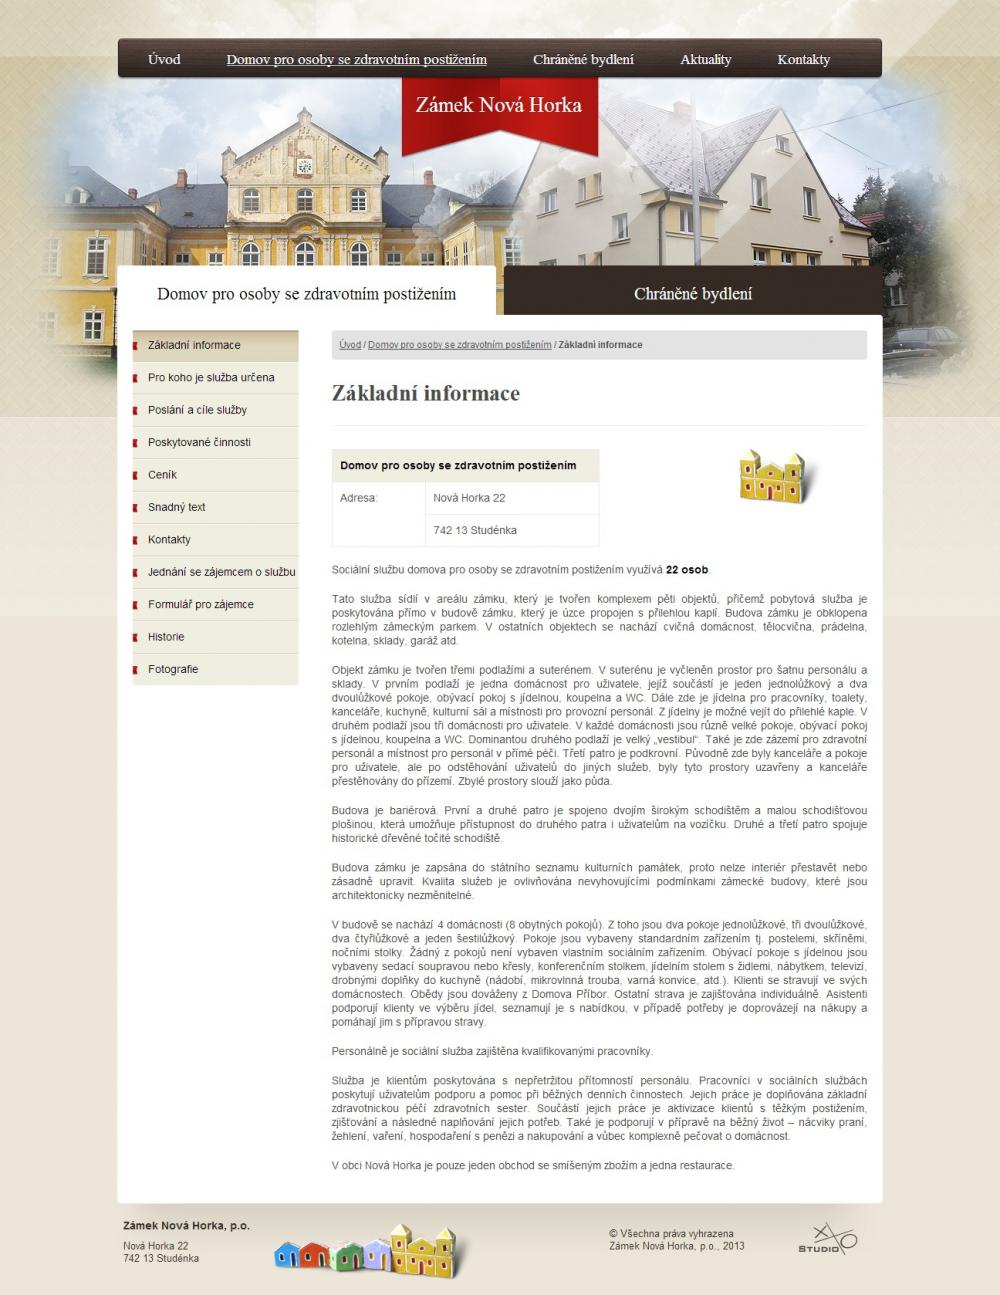 Zámek Nová Horka - Základní informace